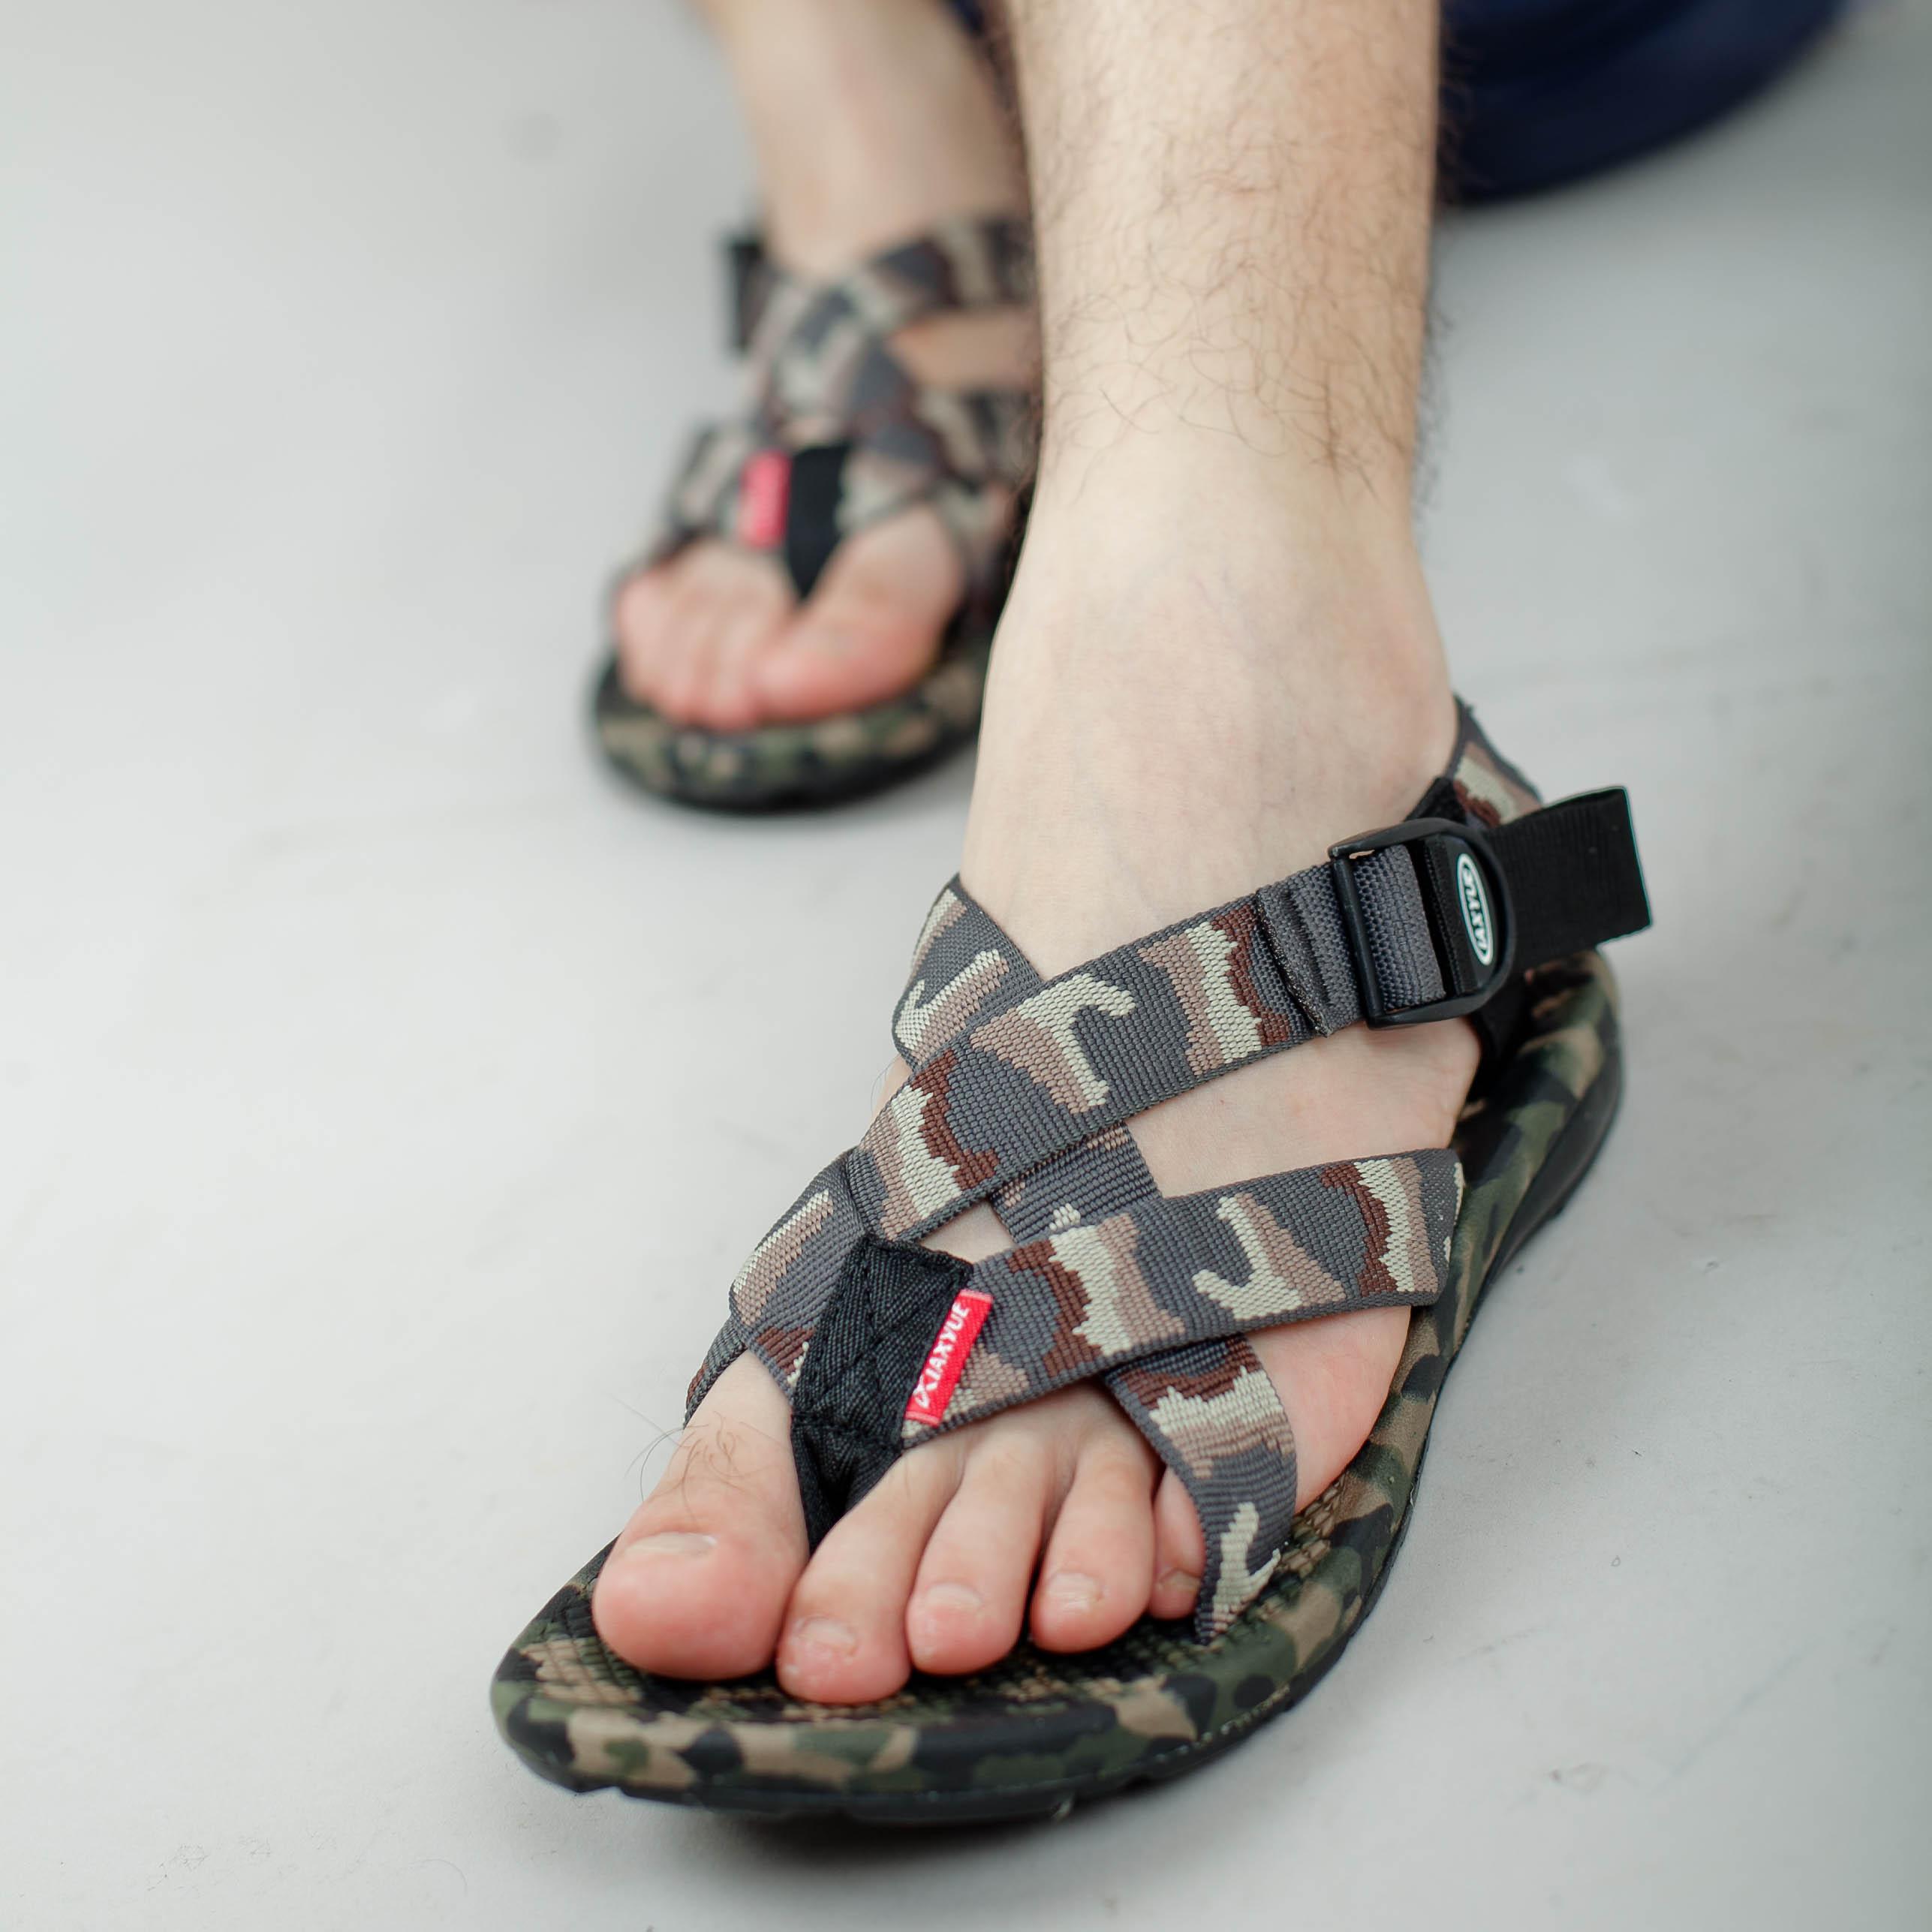 越南鞋夏季新款男凉鞋日韩潮流男士迷彩沙滩鞋 男款休闲运动凉鞋